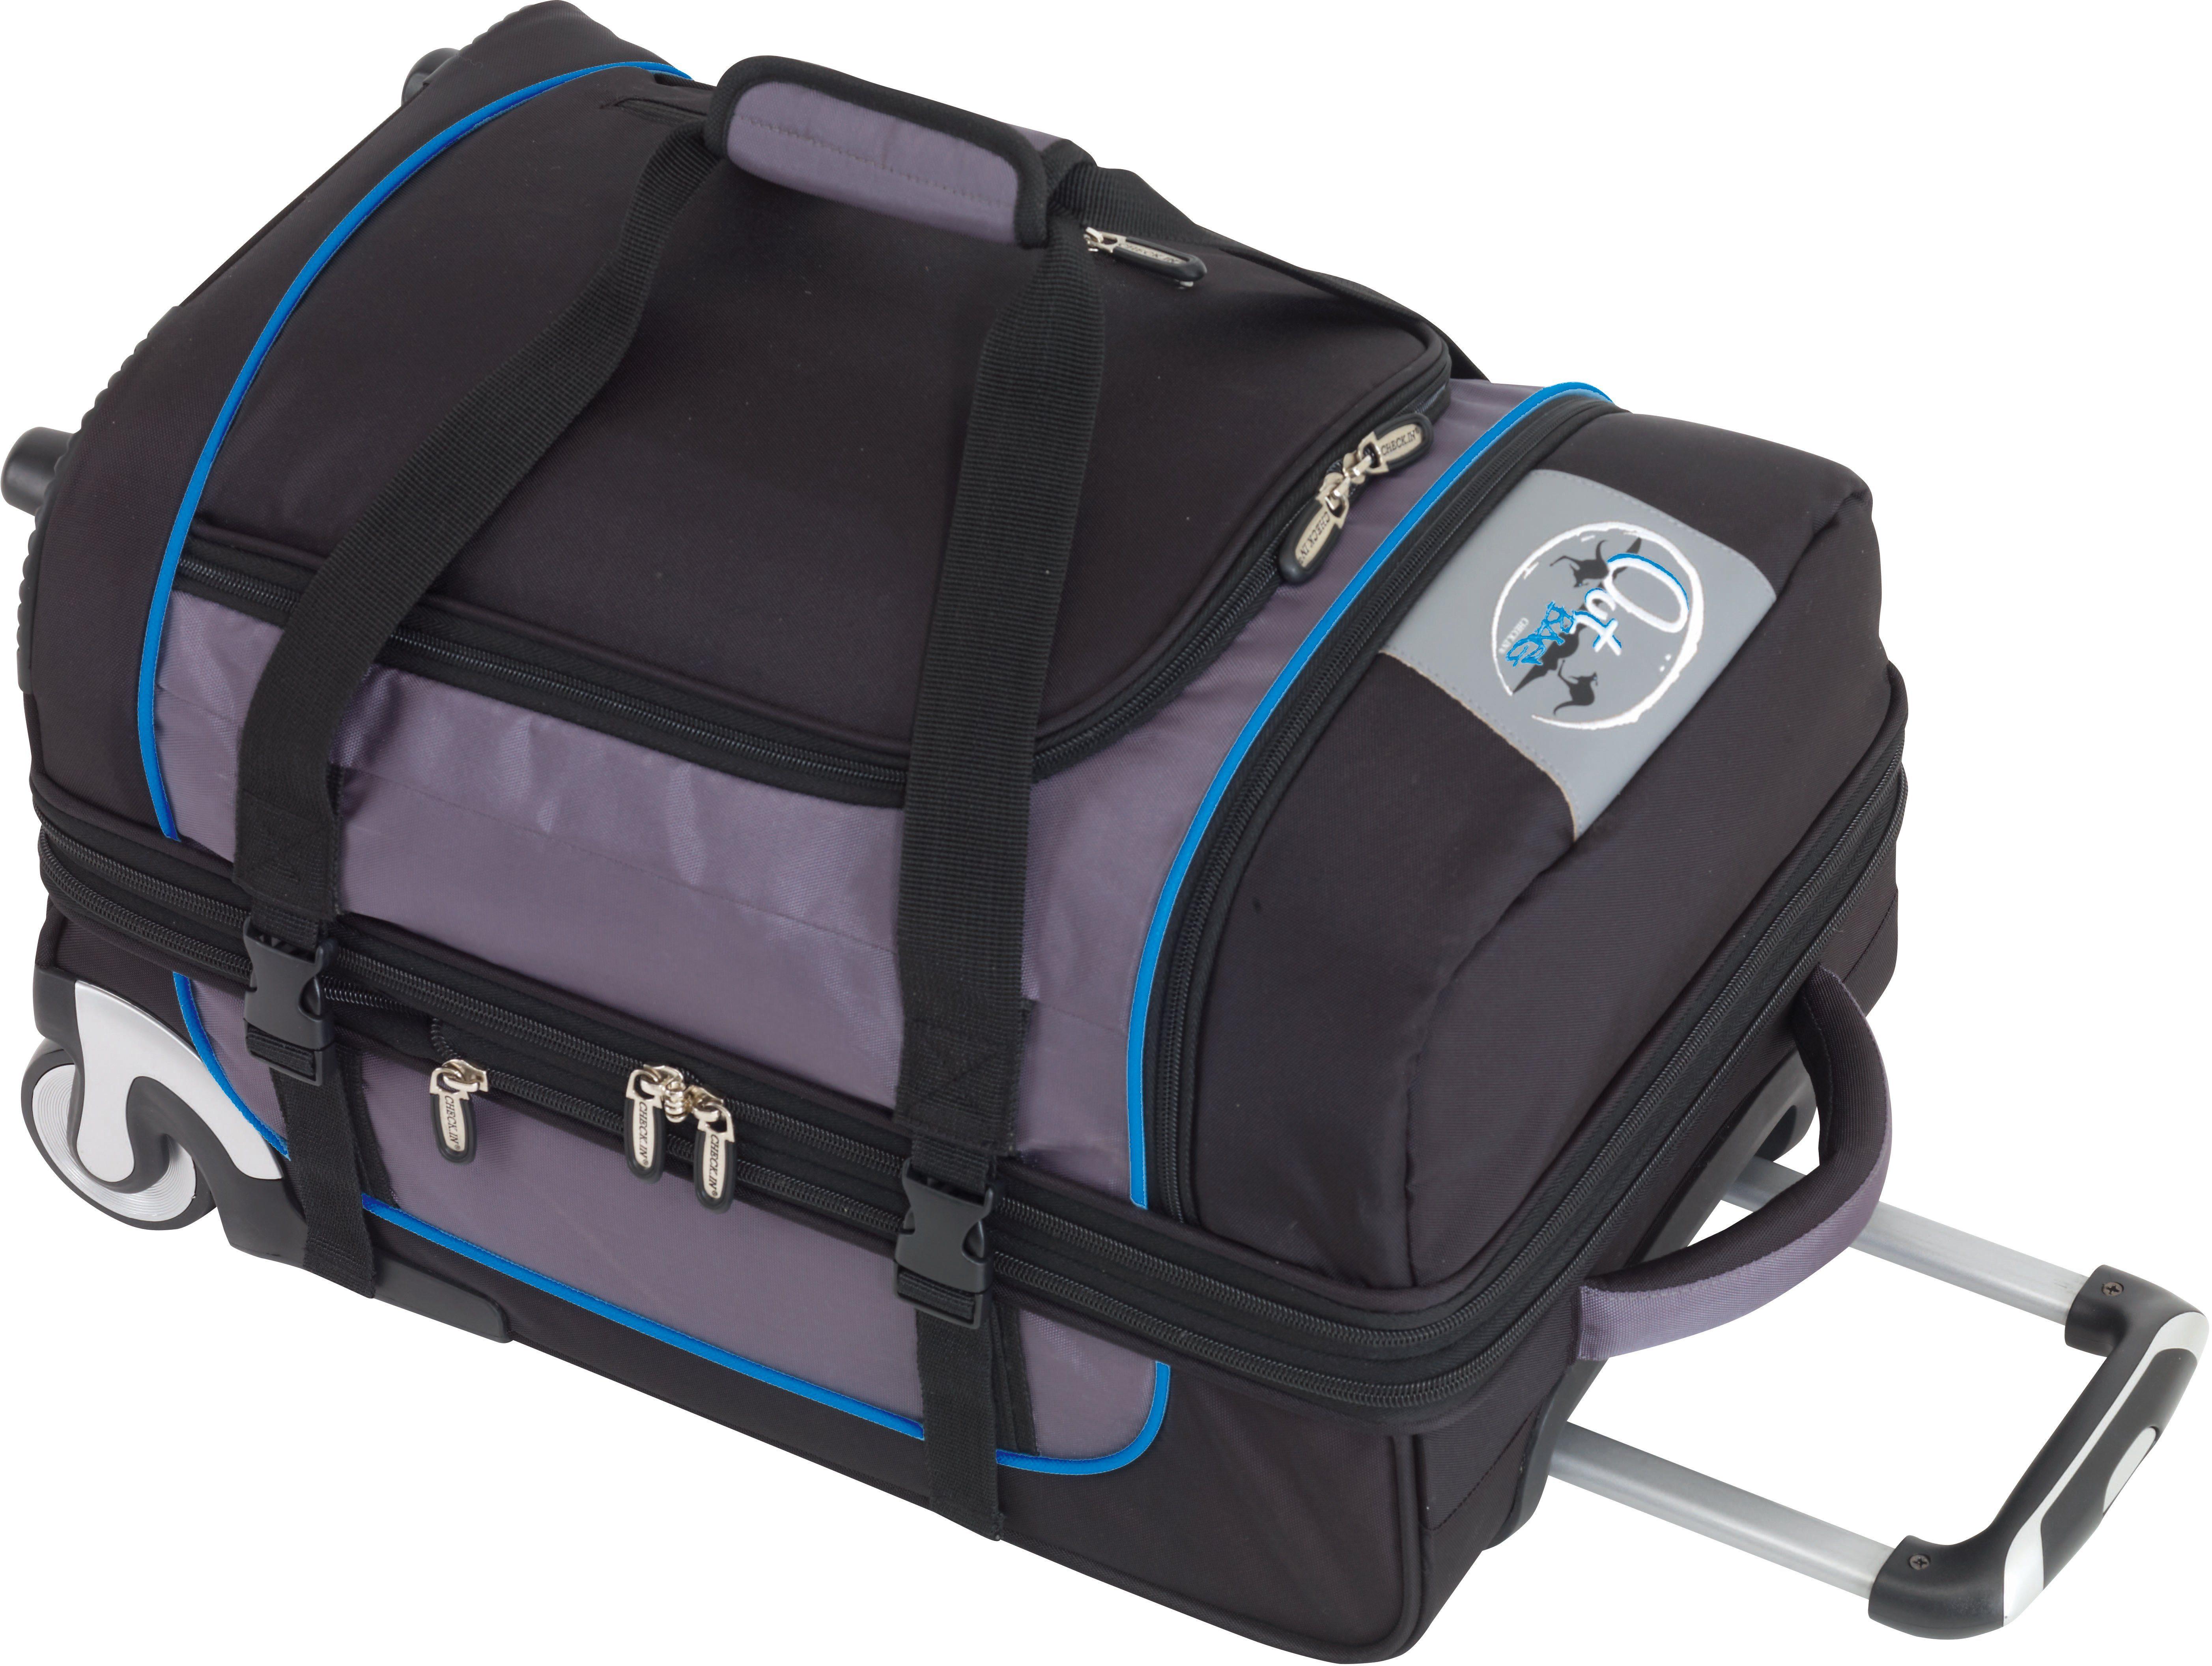 OutBAG Trolley-Reisetasche mit 2 Rollen, »OutBAG SPORTS S, schwarz/blau«